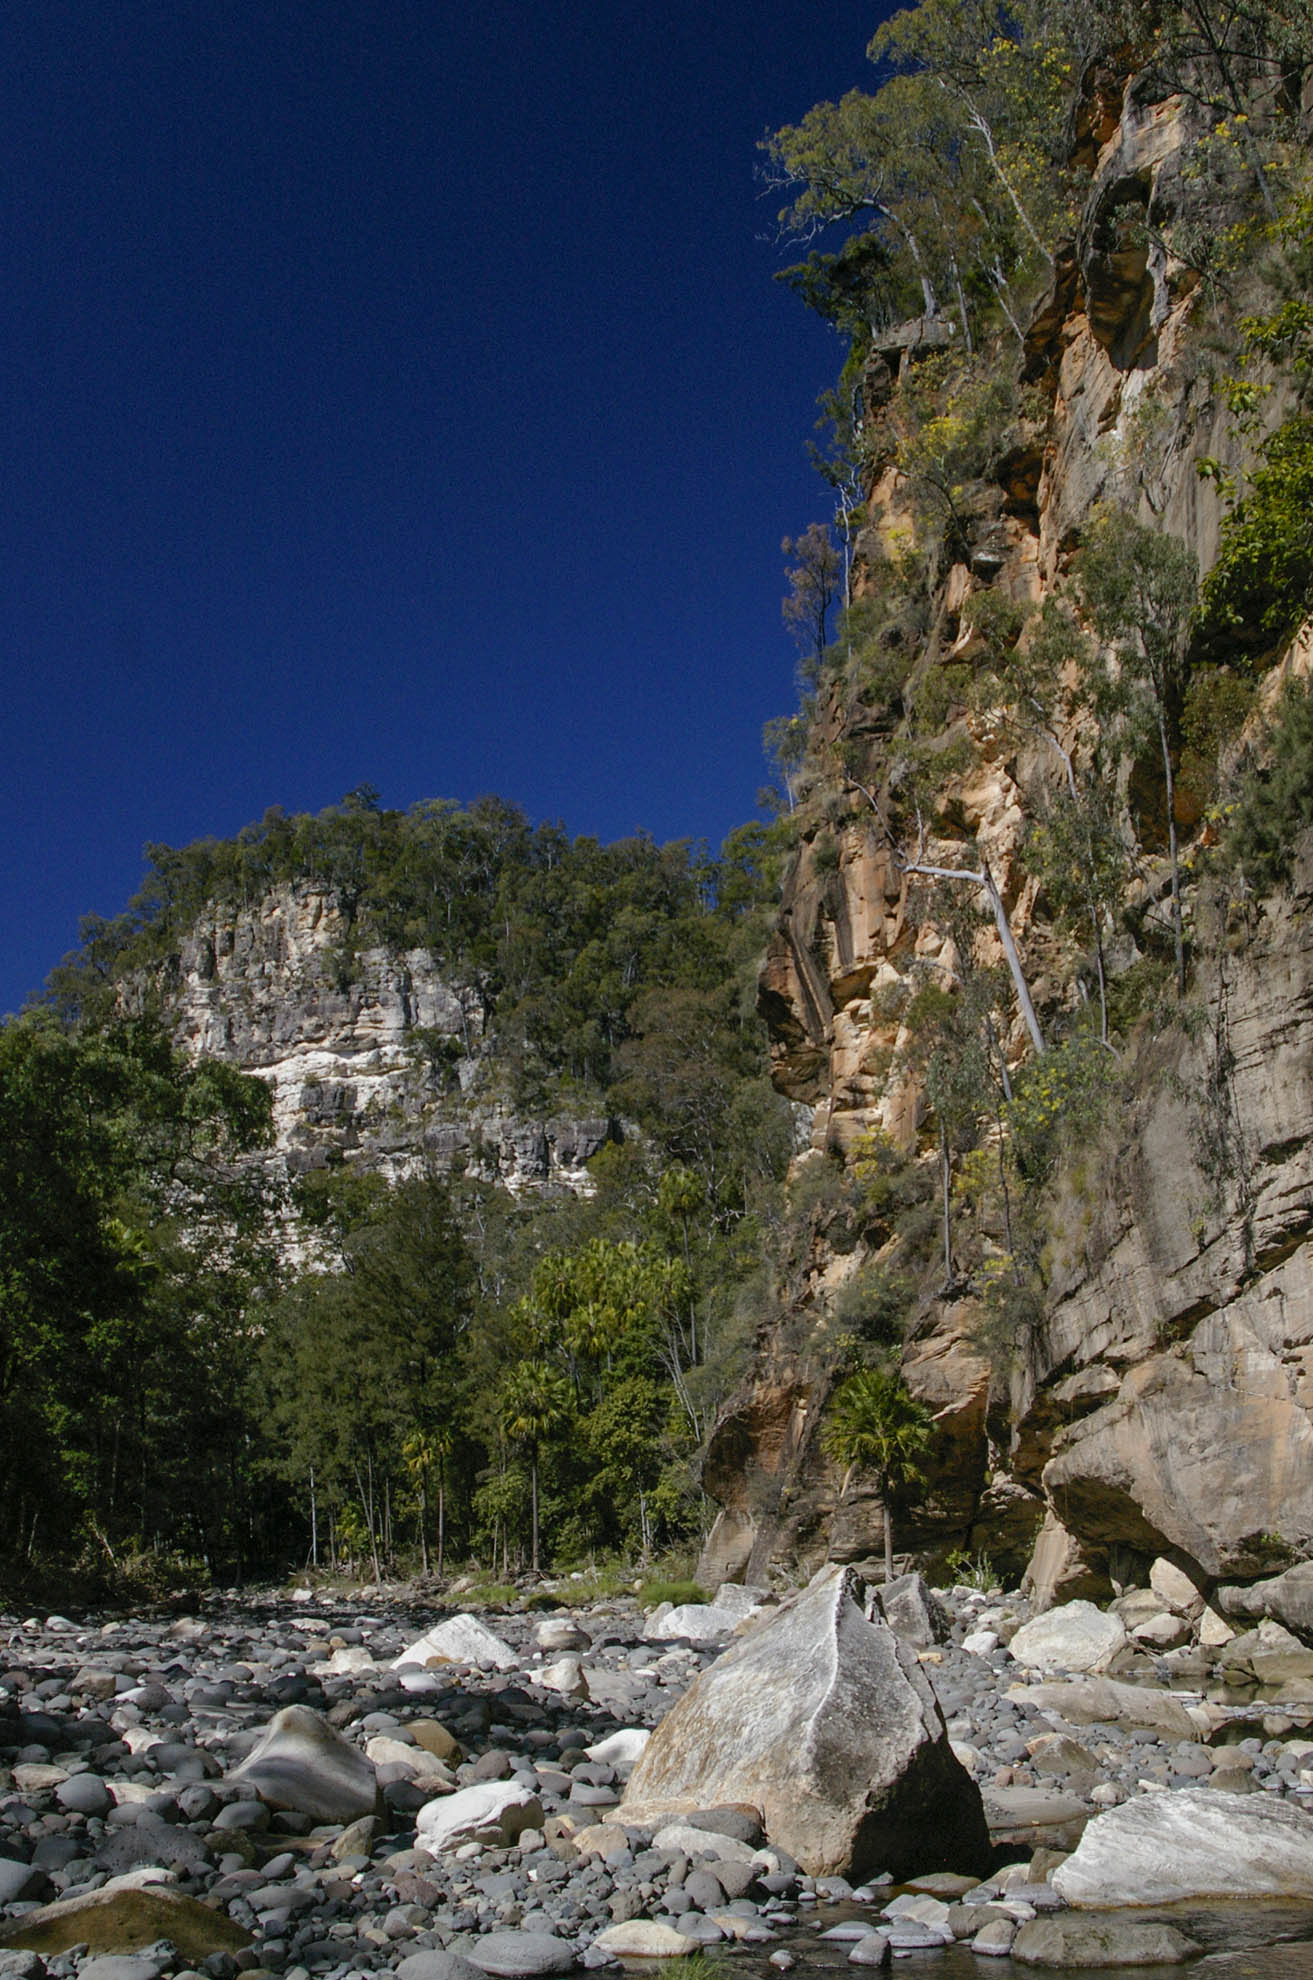 Upper Carnarvon Gorge